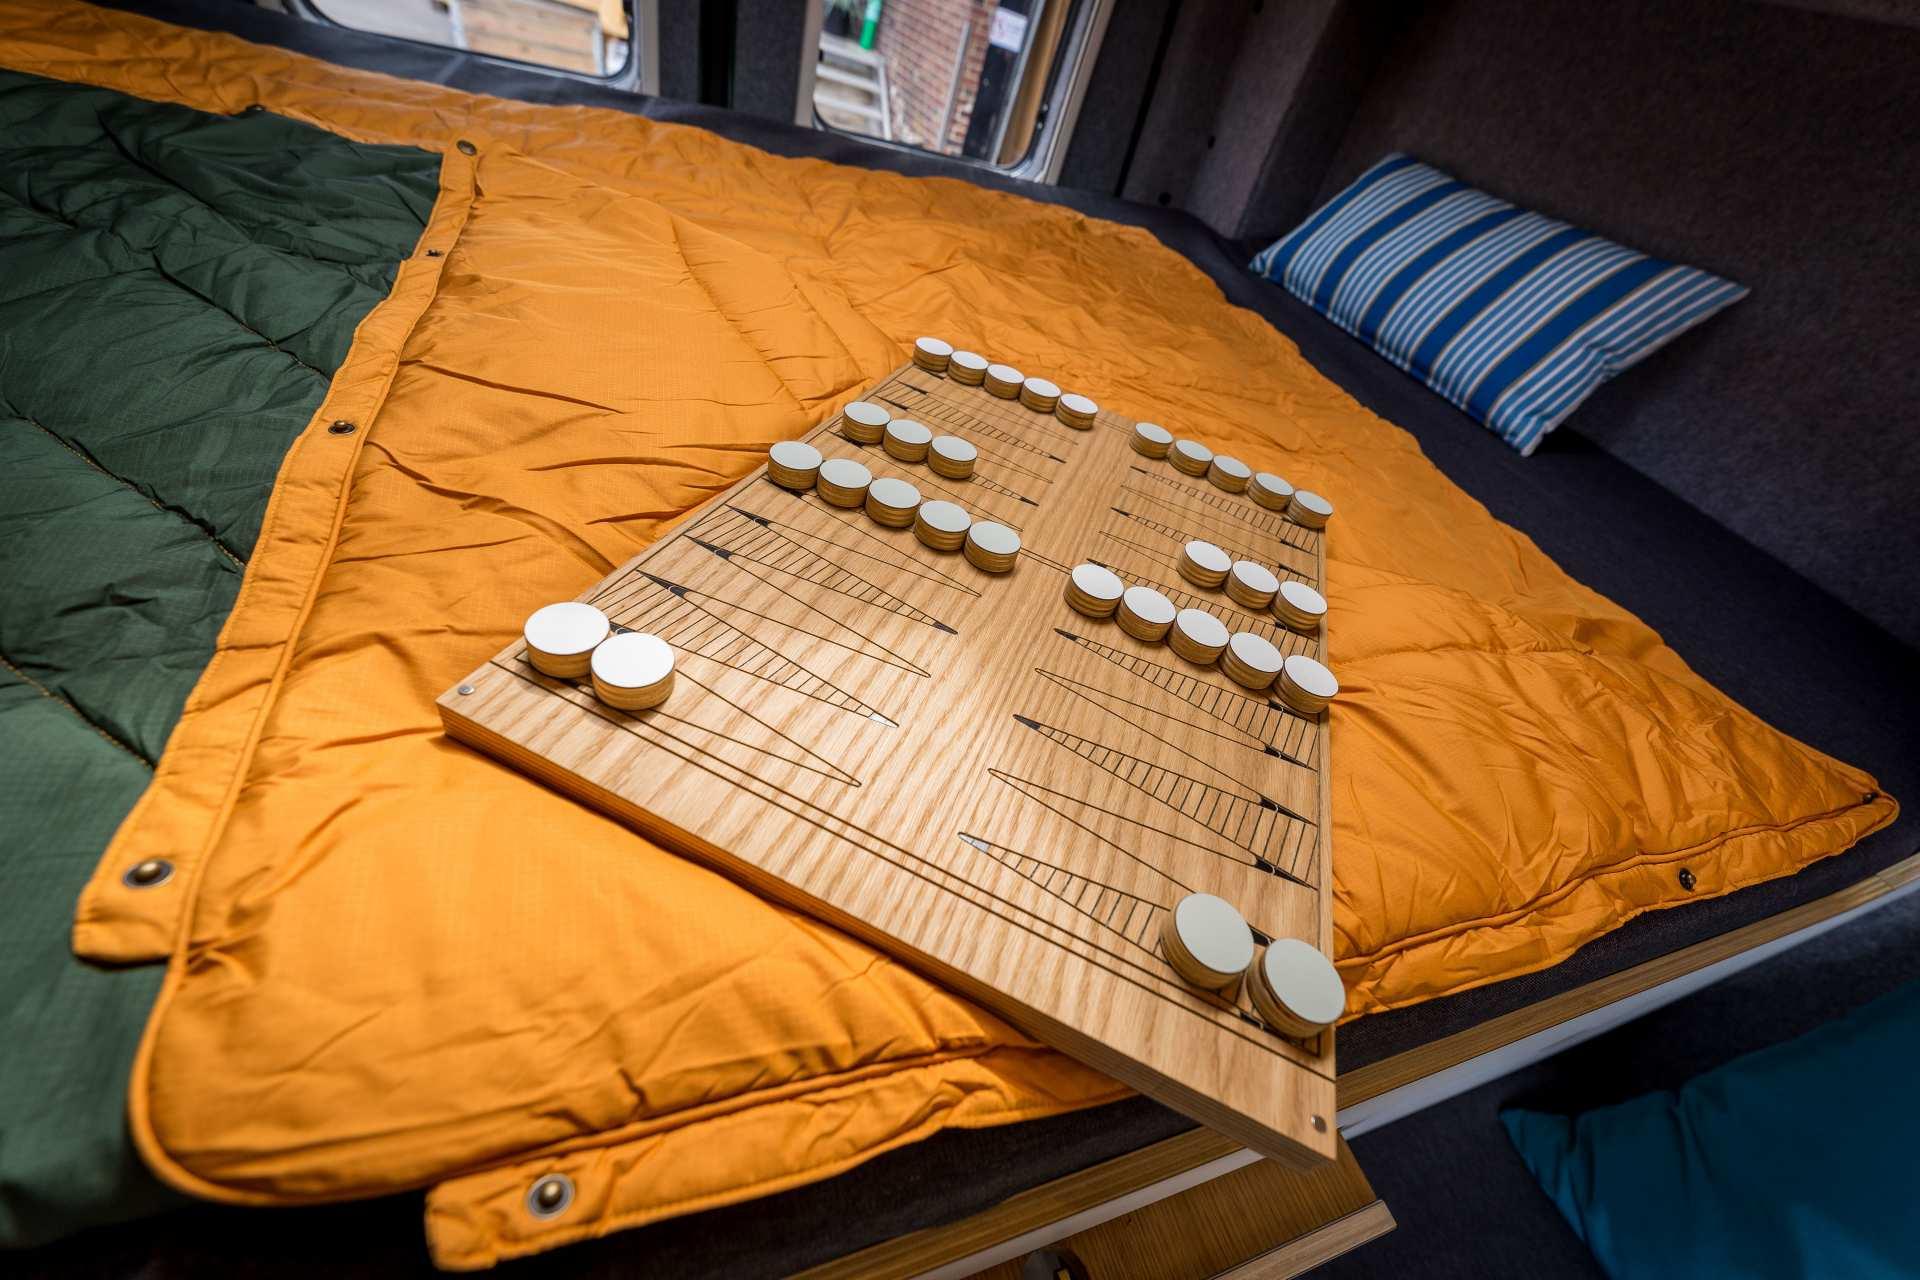 2- in 1 Herausnehmbare Tischplatte und Brettspiel